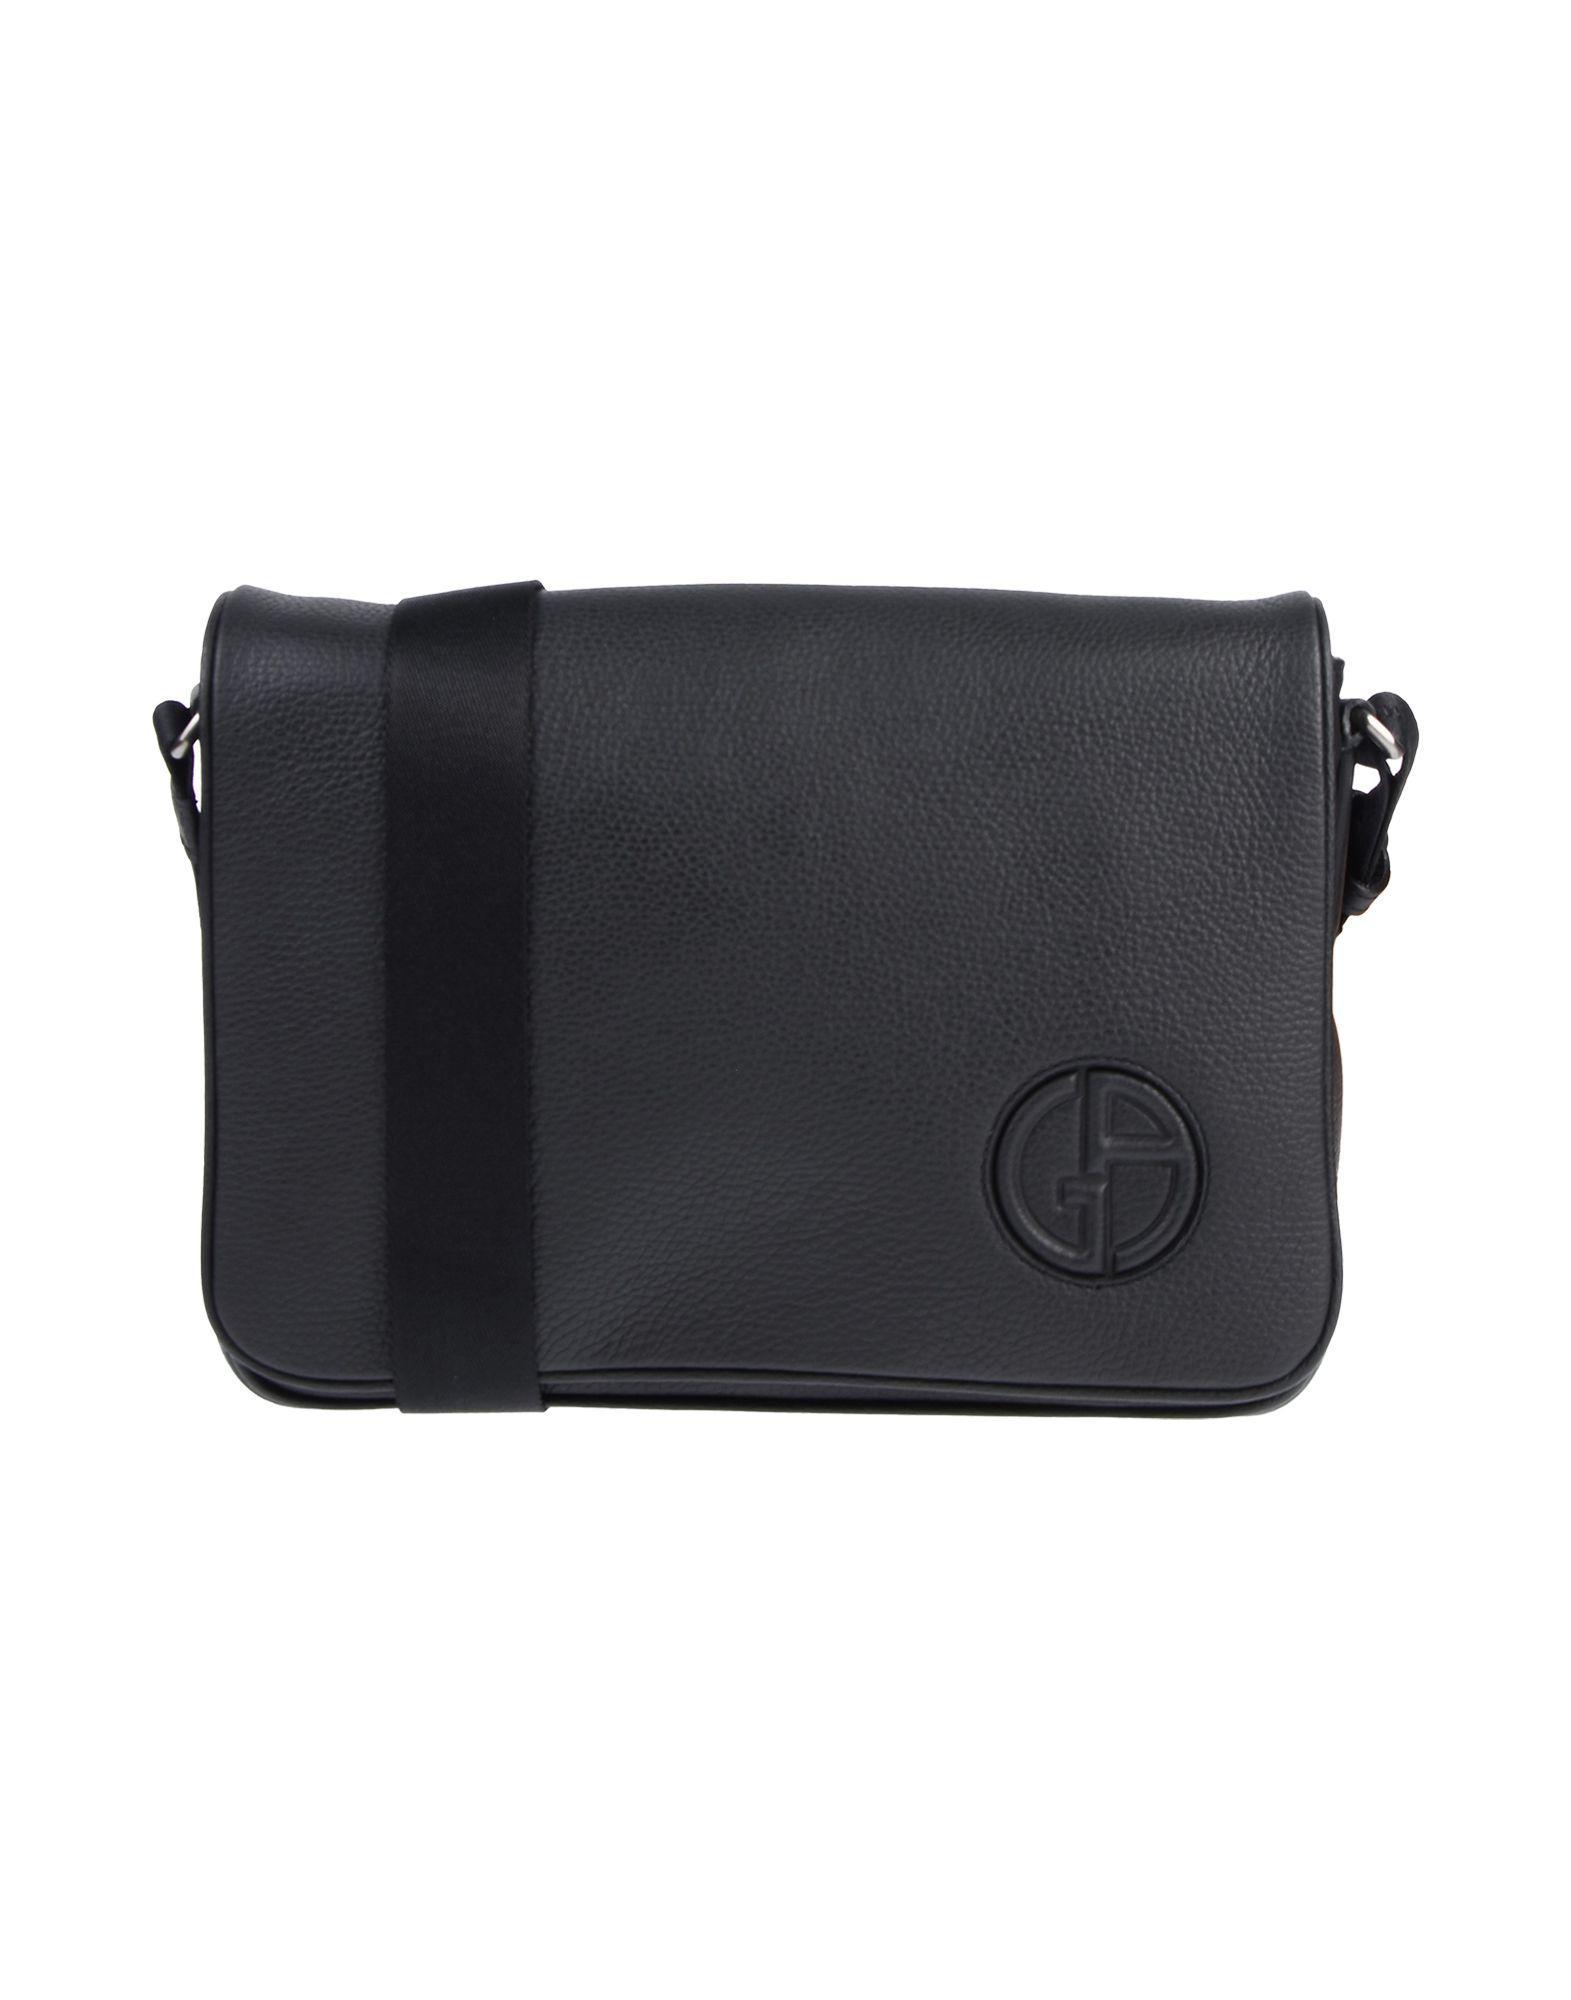 22e02135905 Giorgio Armani Cross-body Bag in Black for Men - Lyst